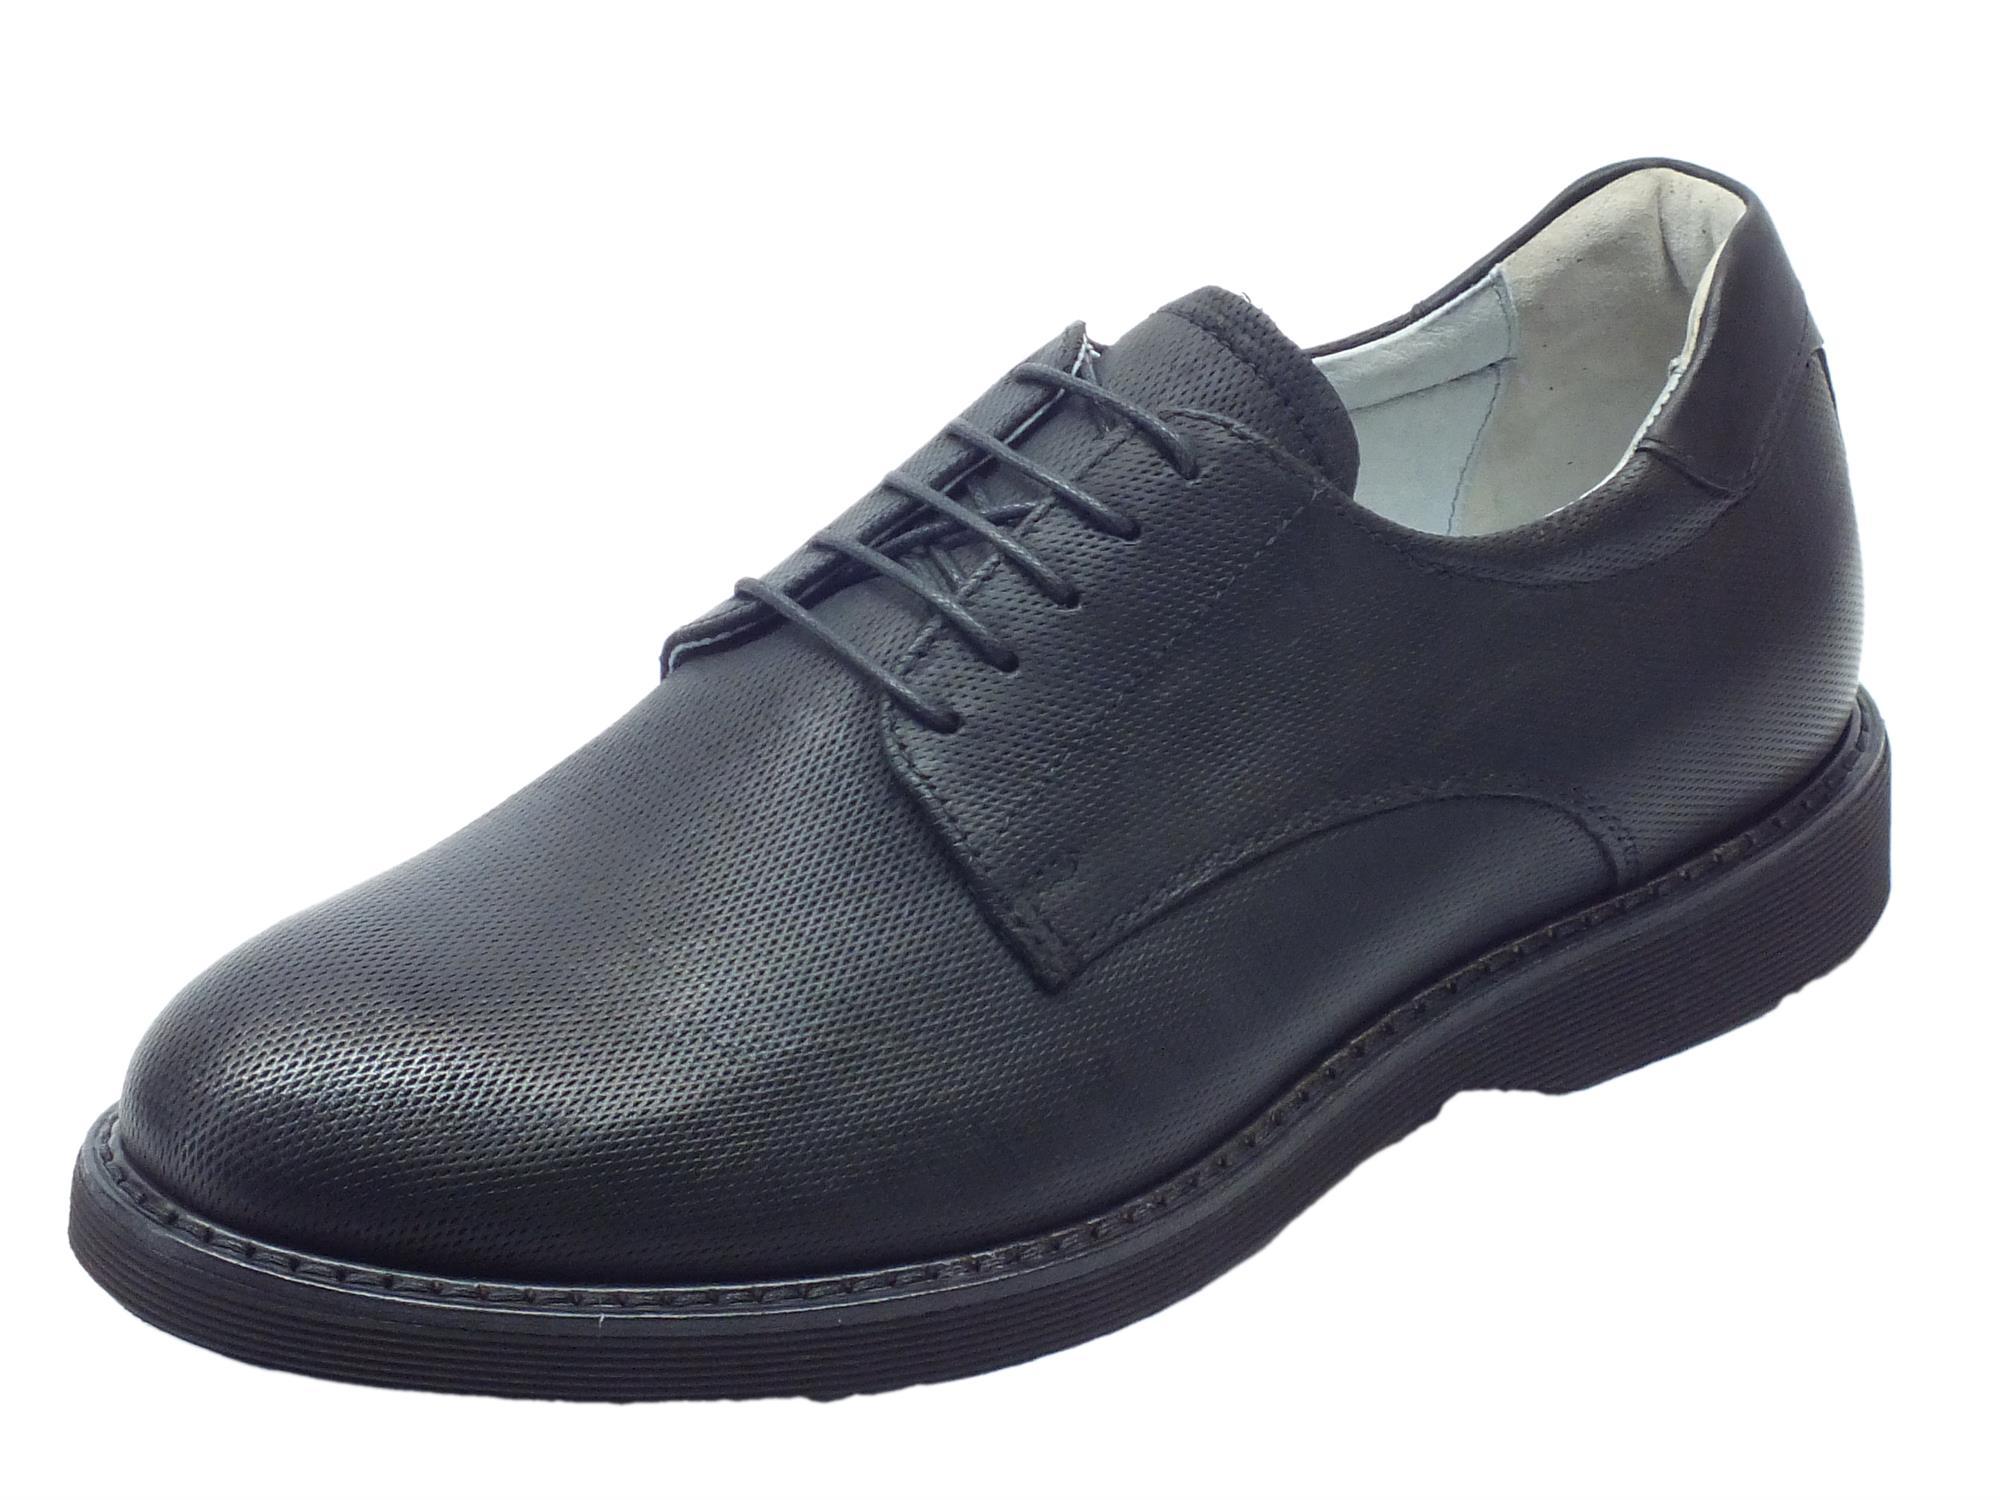 2766ffa5de Scarpe eleganti NeroGiardini per uomo in pelle nera microforata